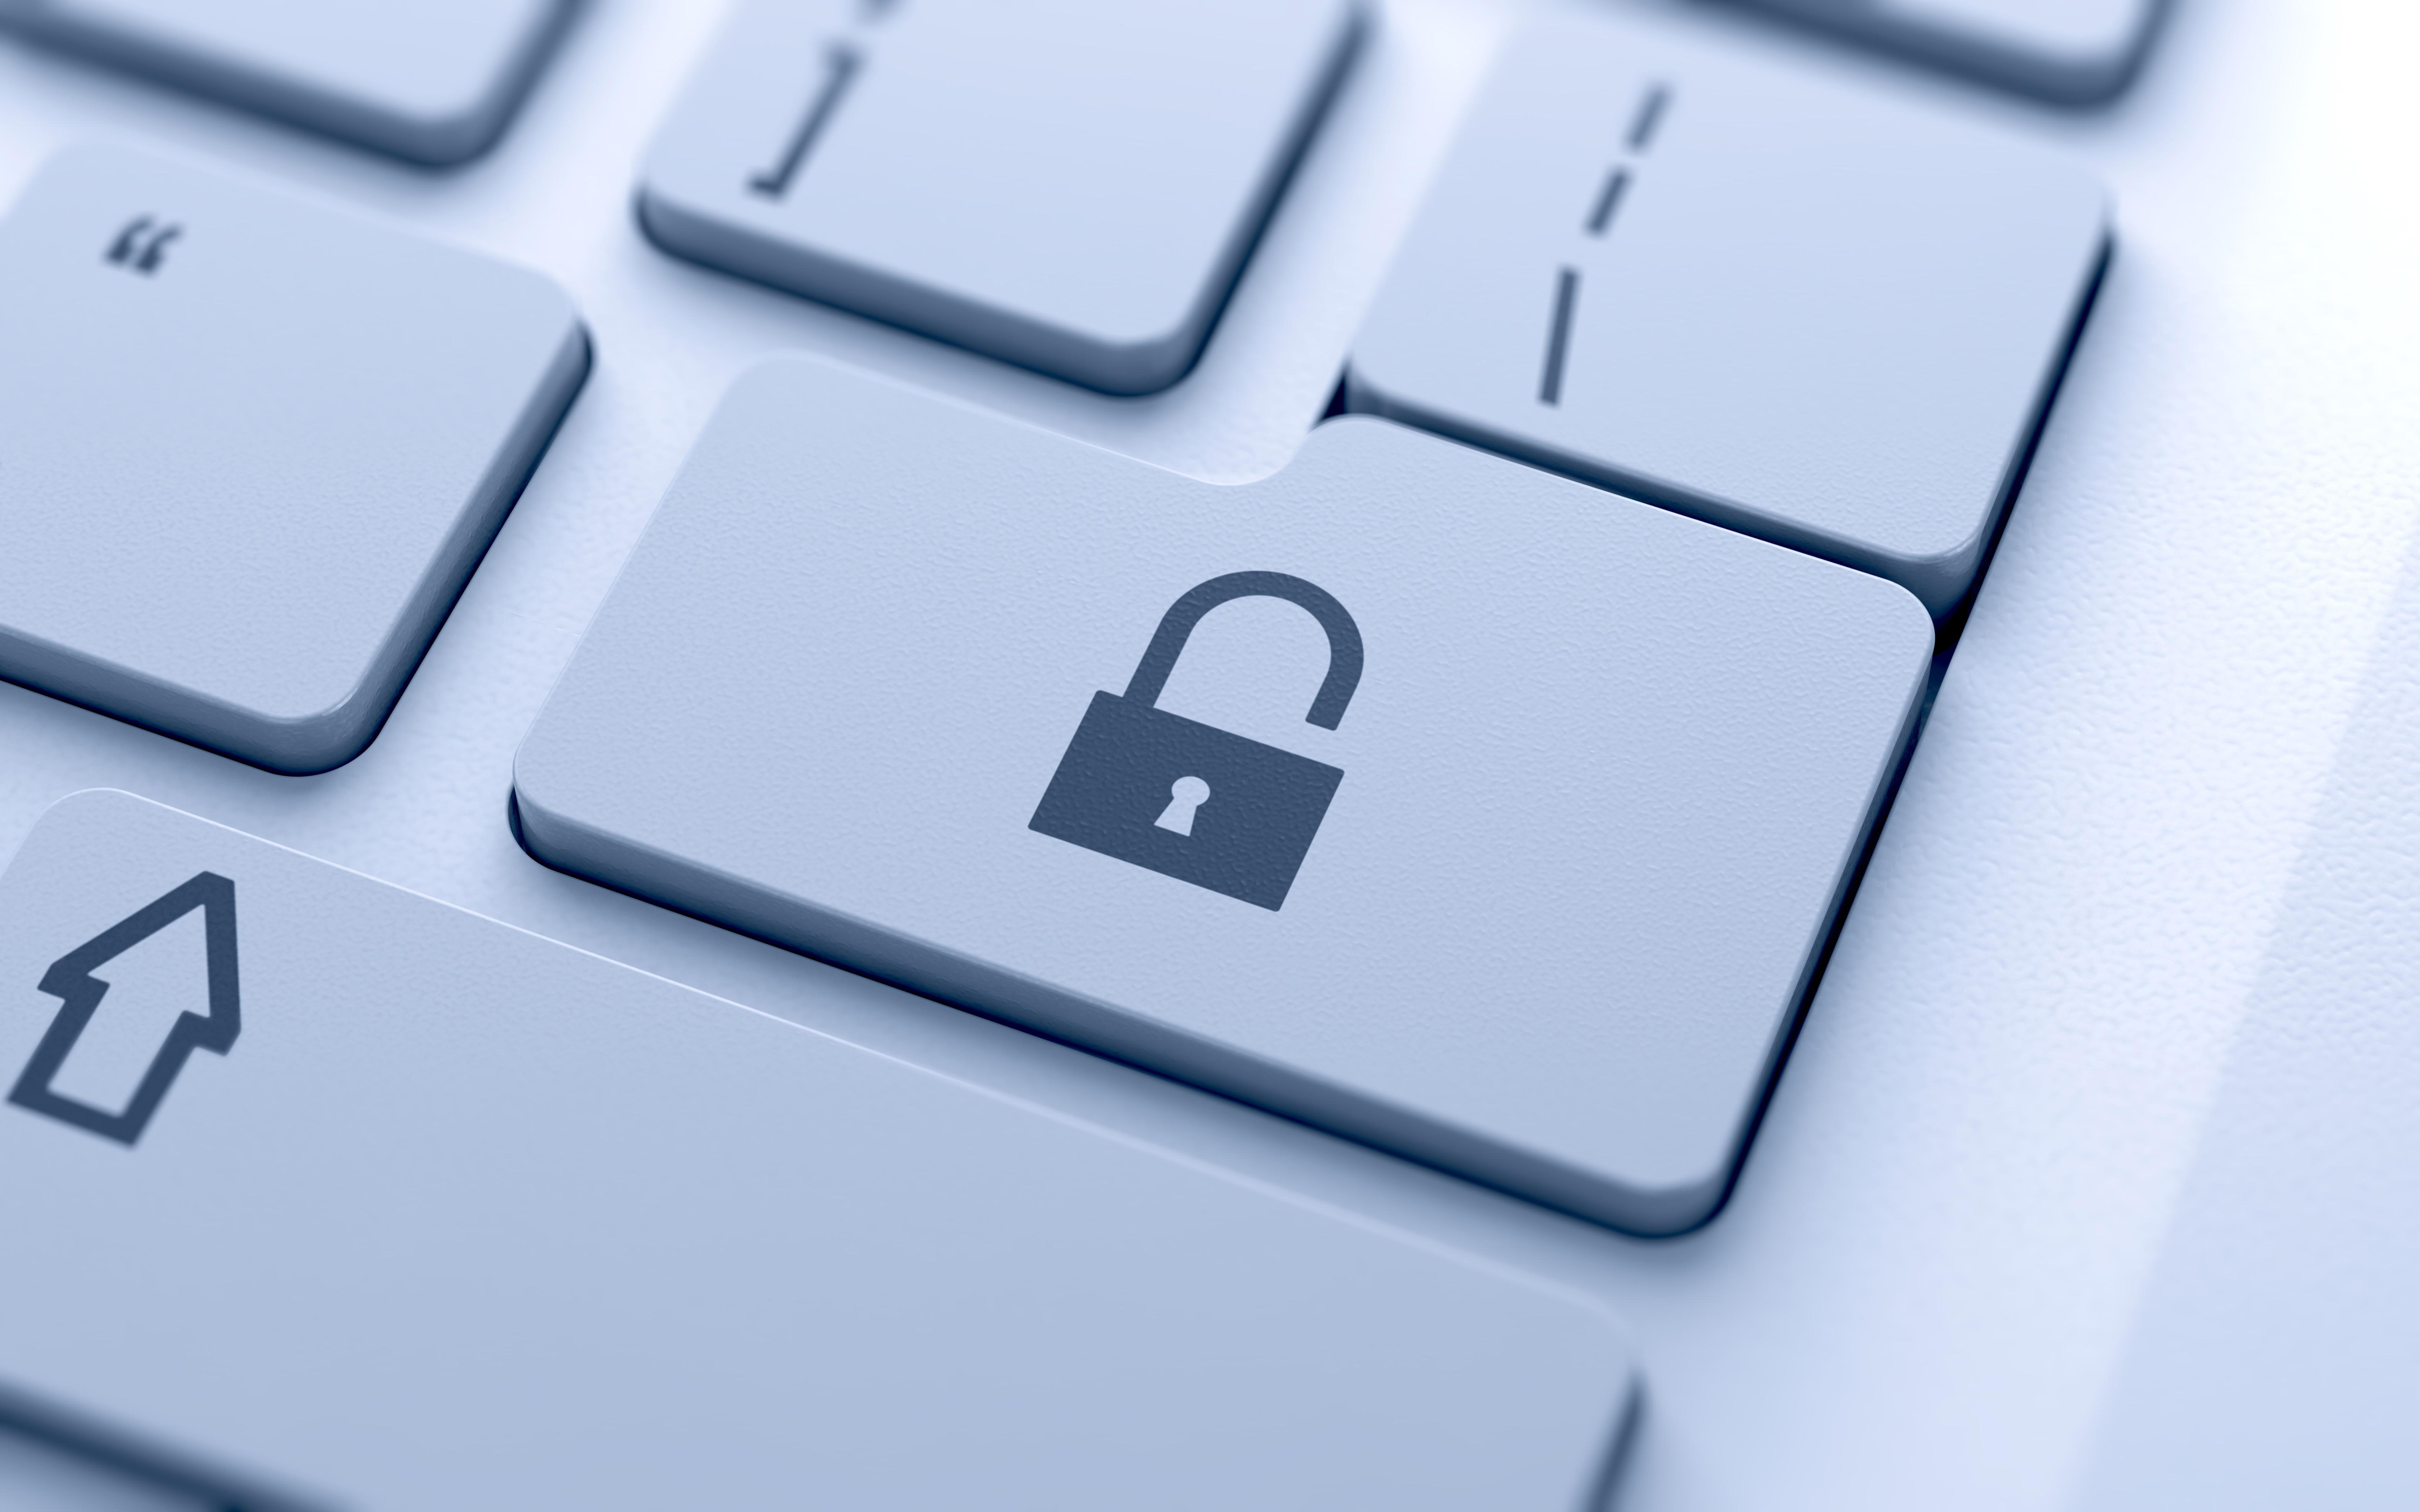 Datasäkerhet är något alla borde tänka på